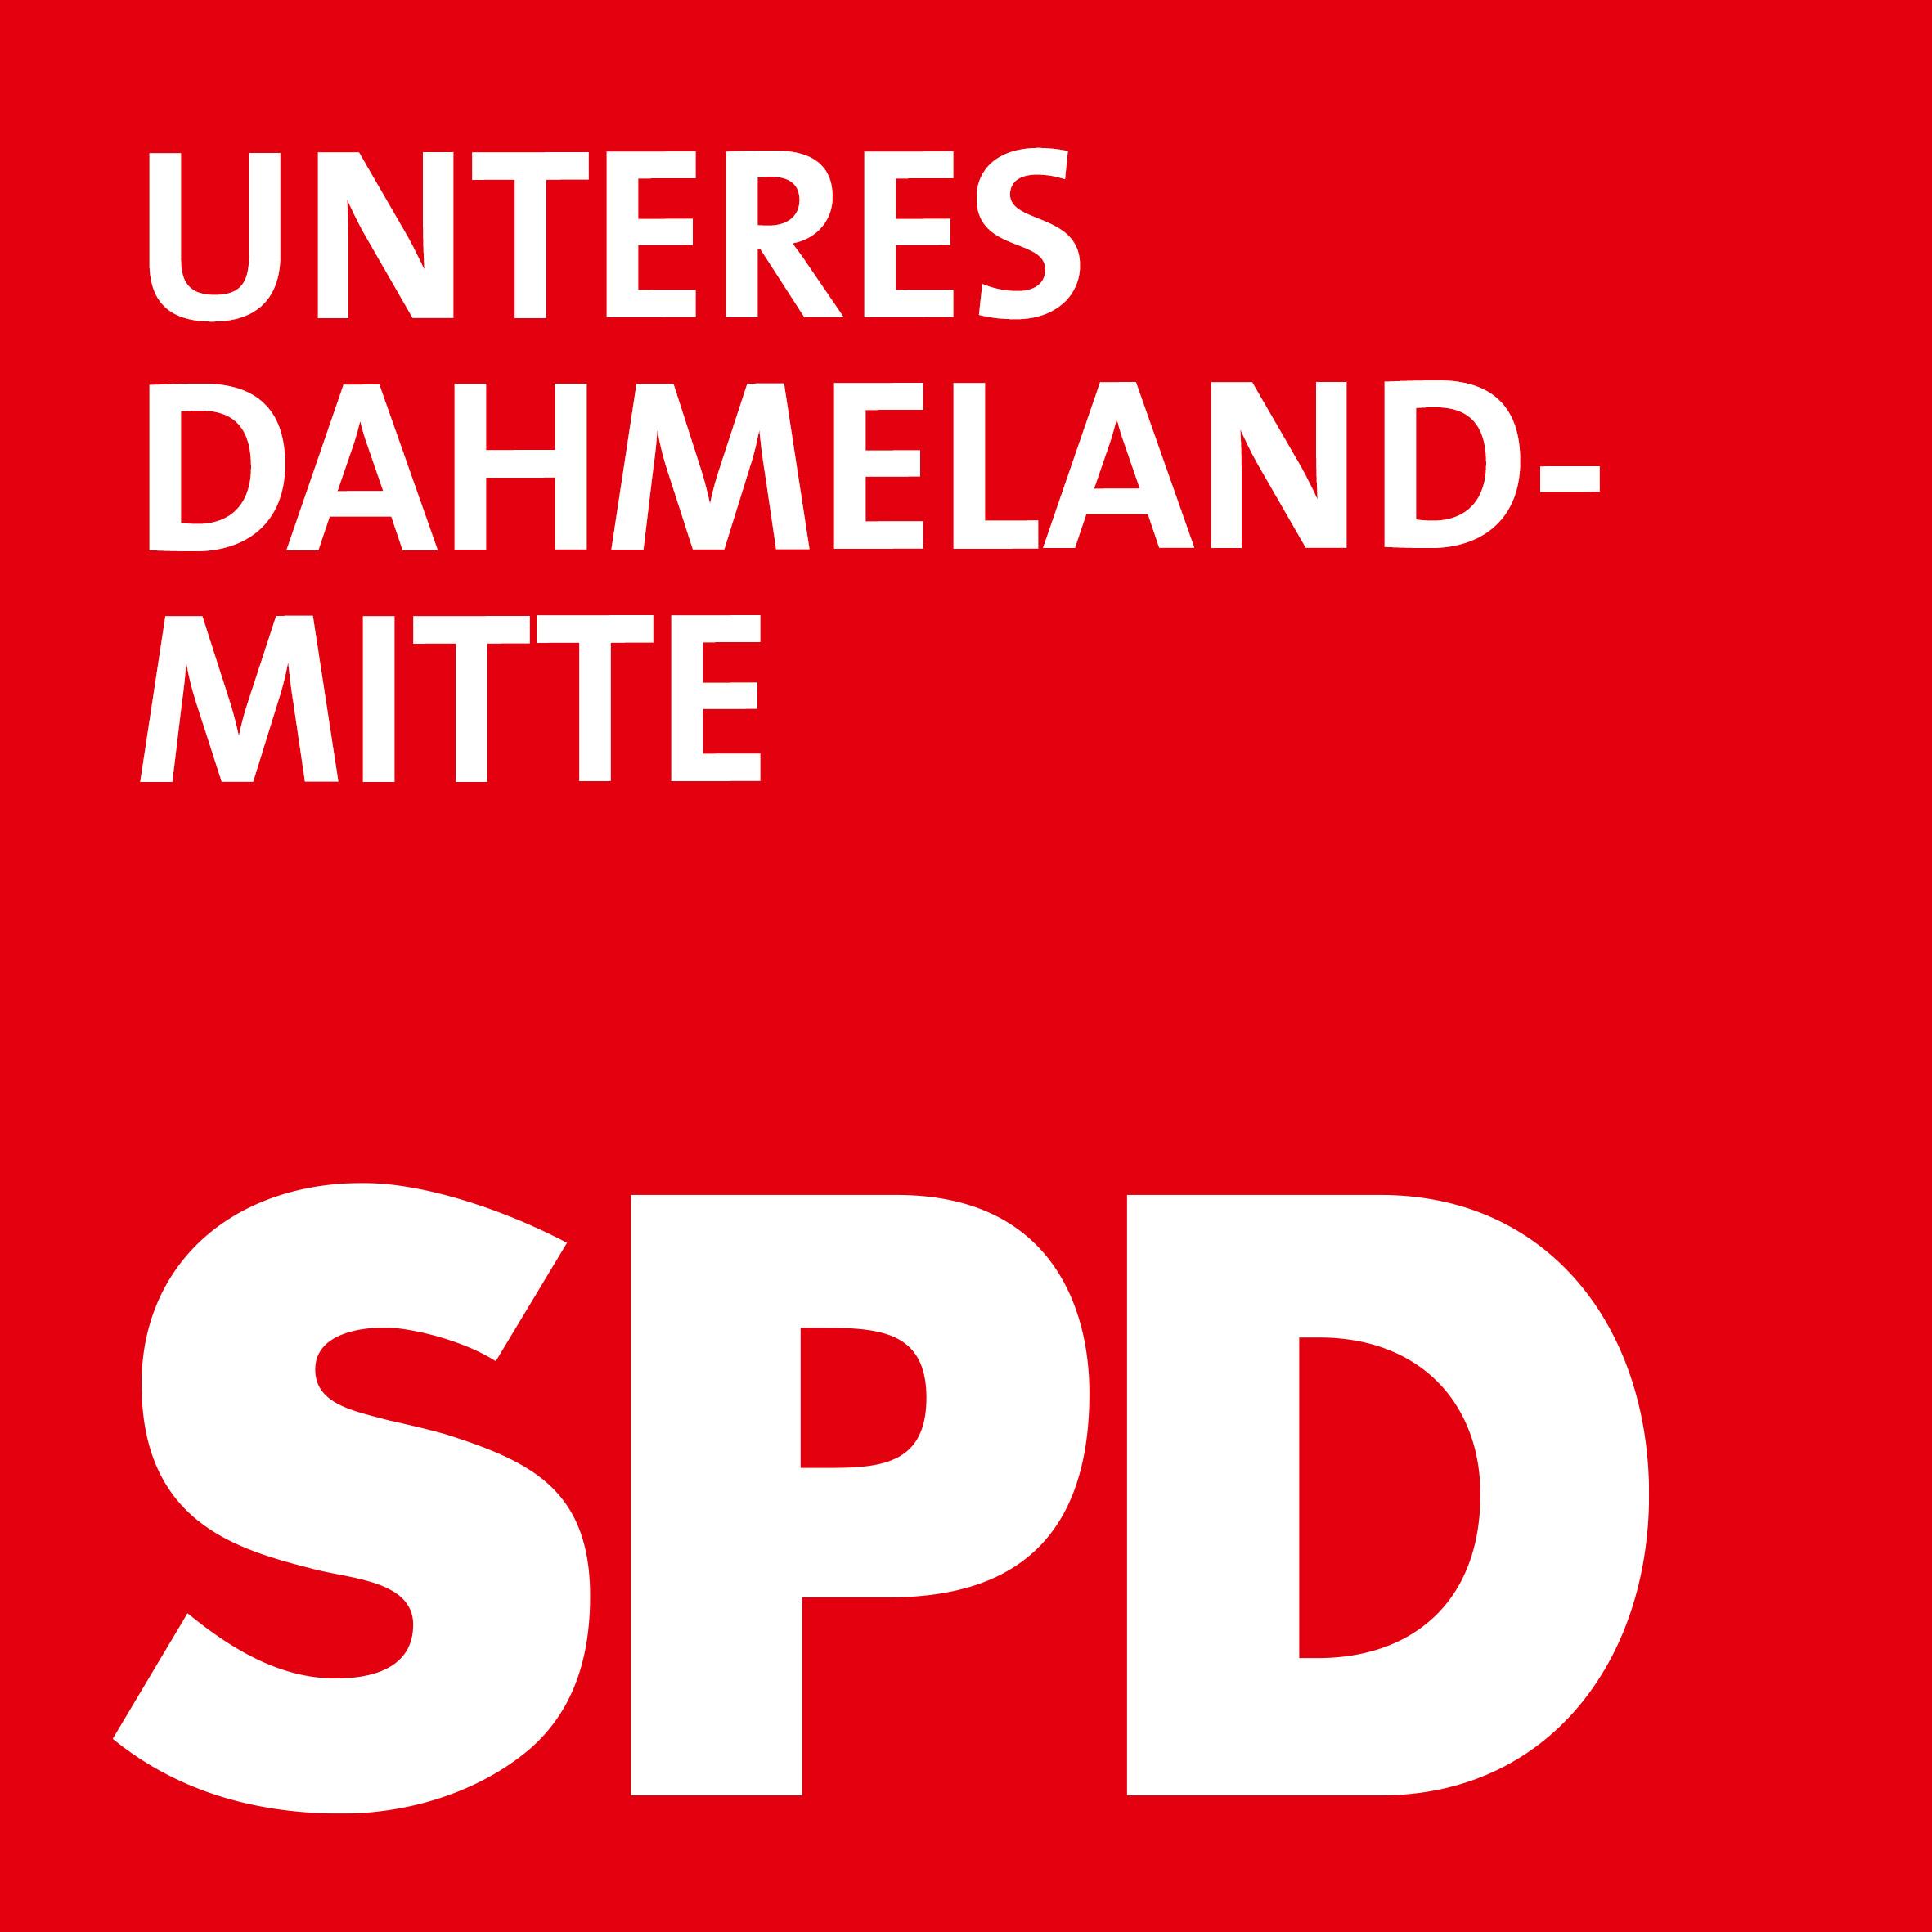 SPD Unteres Dahmeland-Mitte